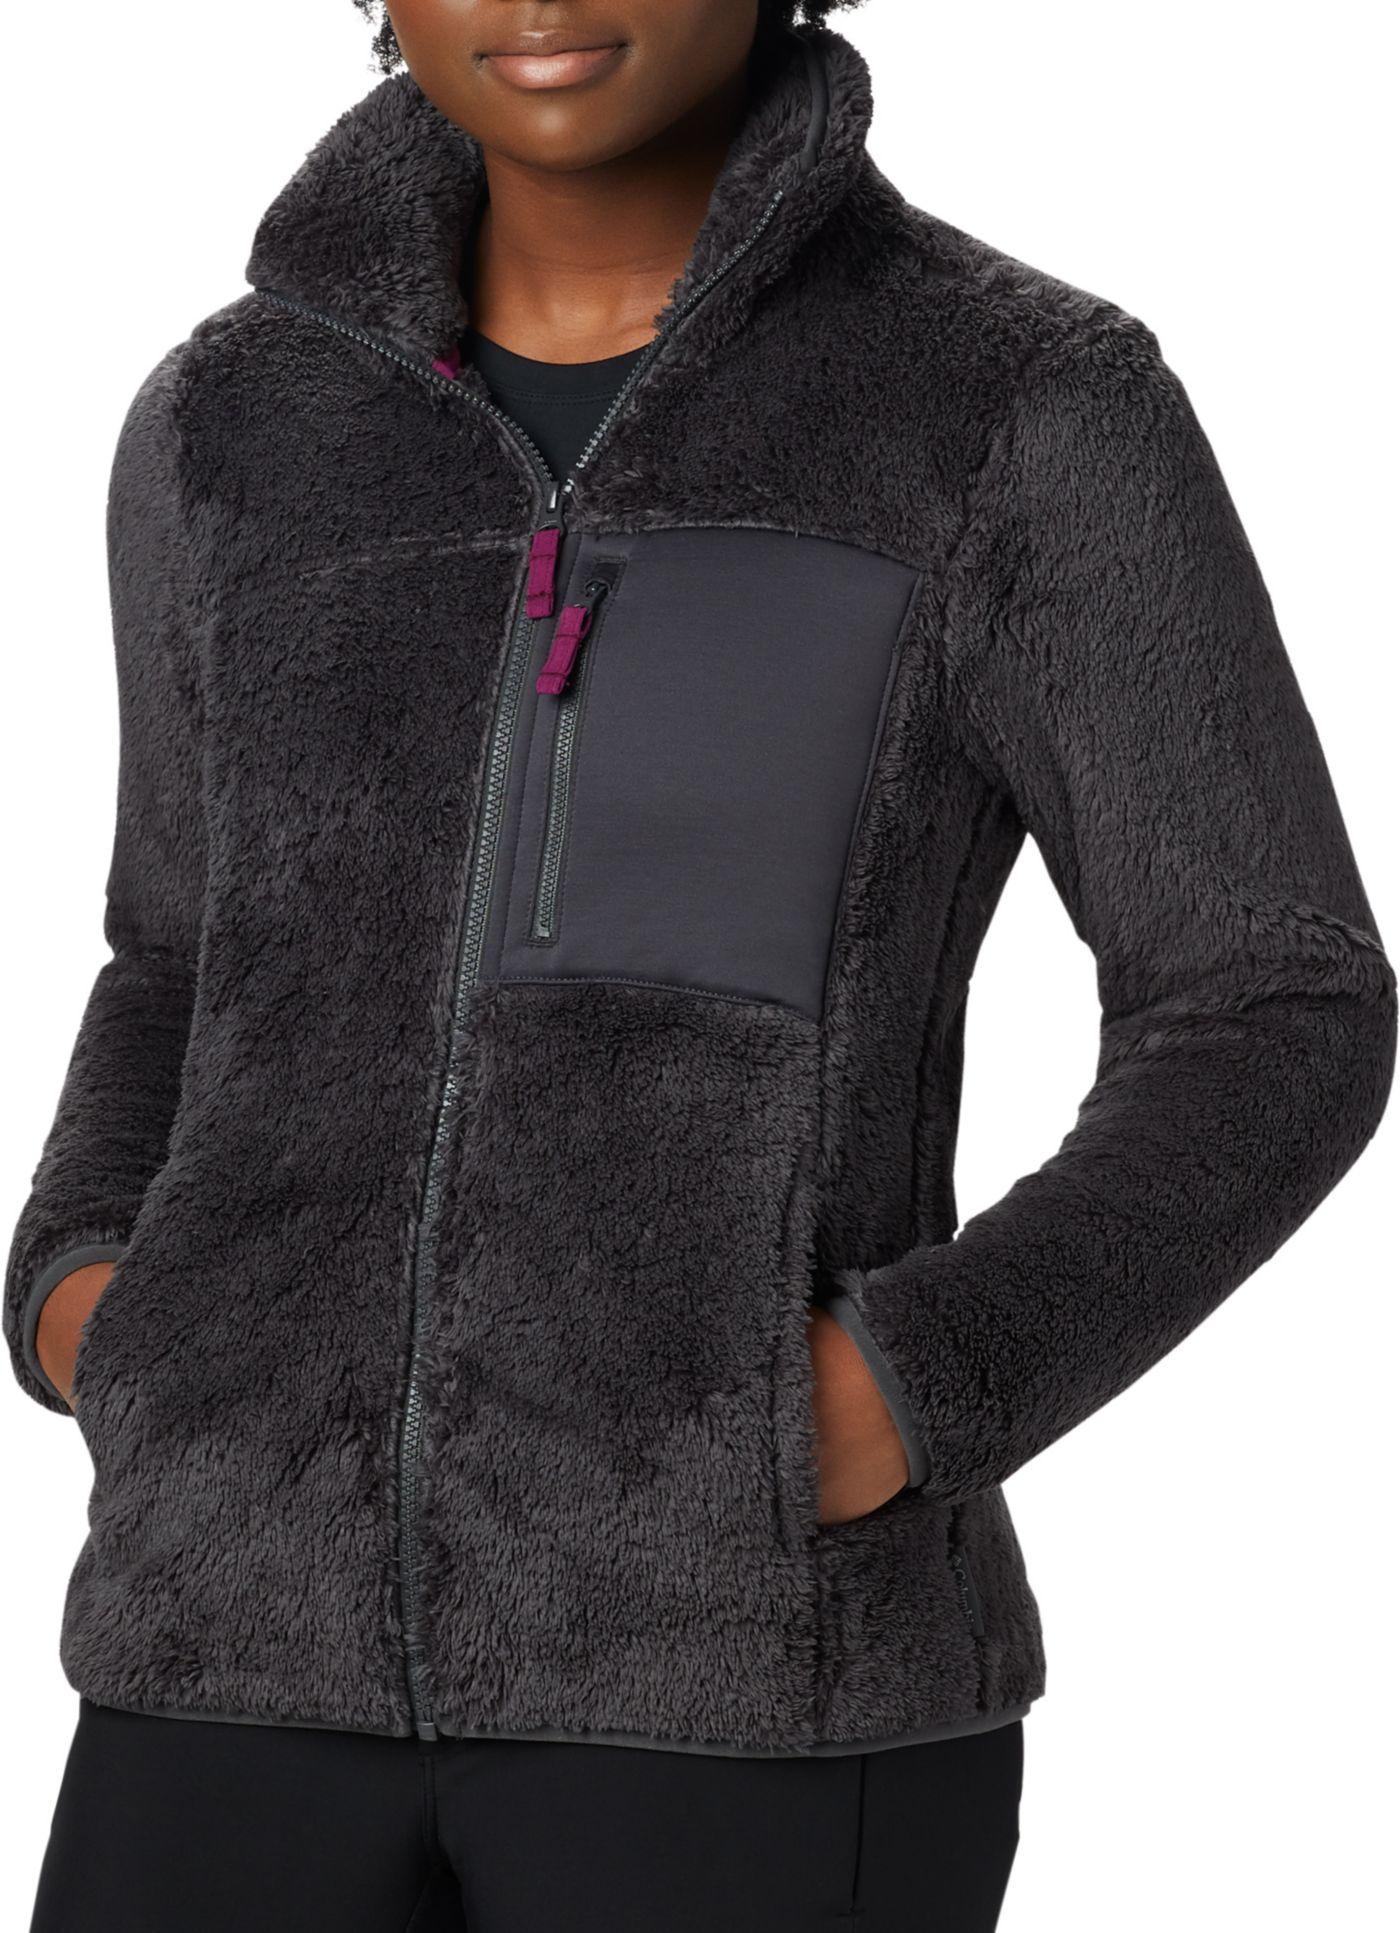 Columbia Women's Keep Cozy Full Zip Fleece Jacket